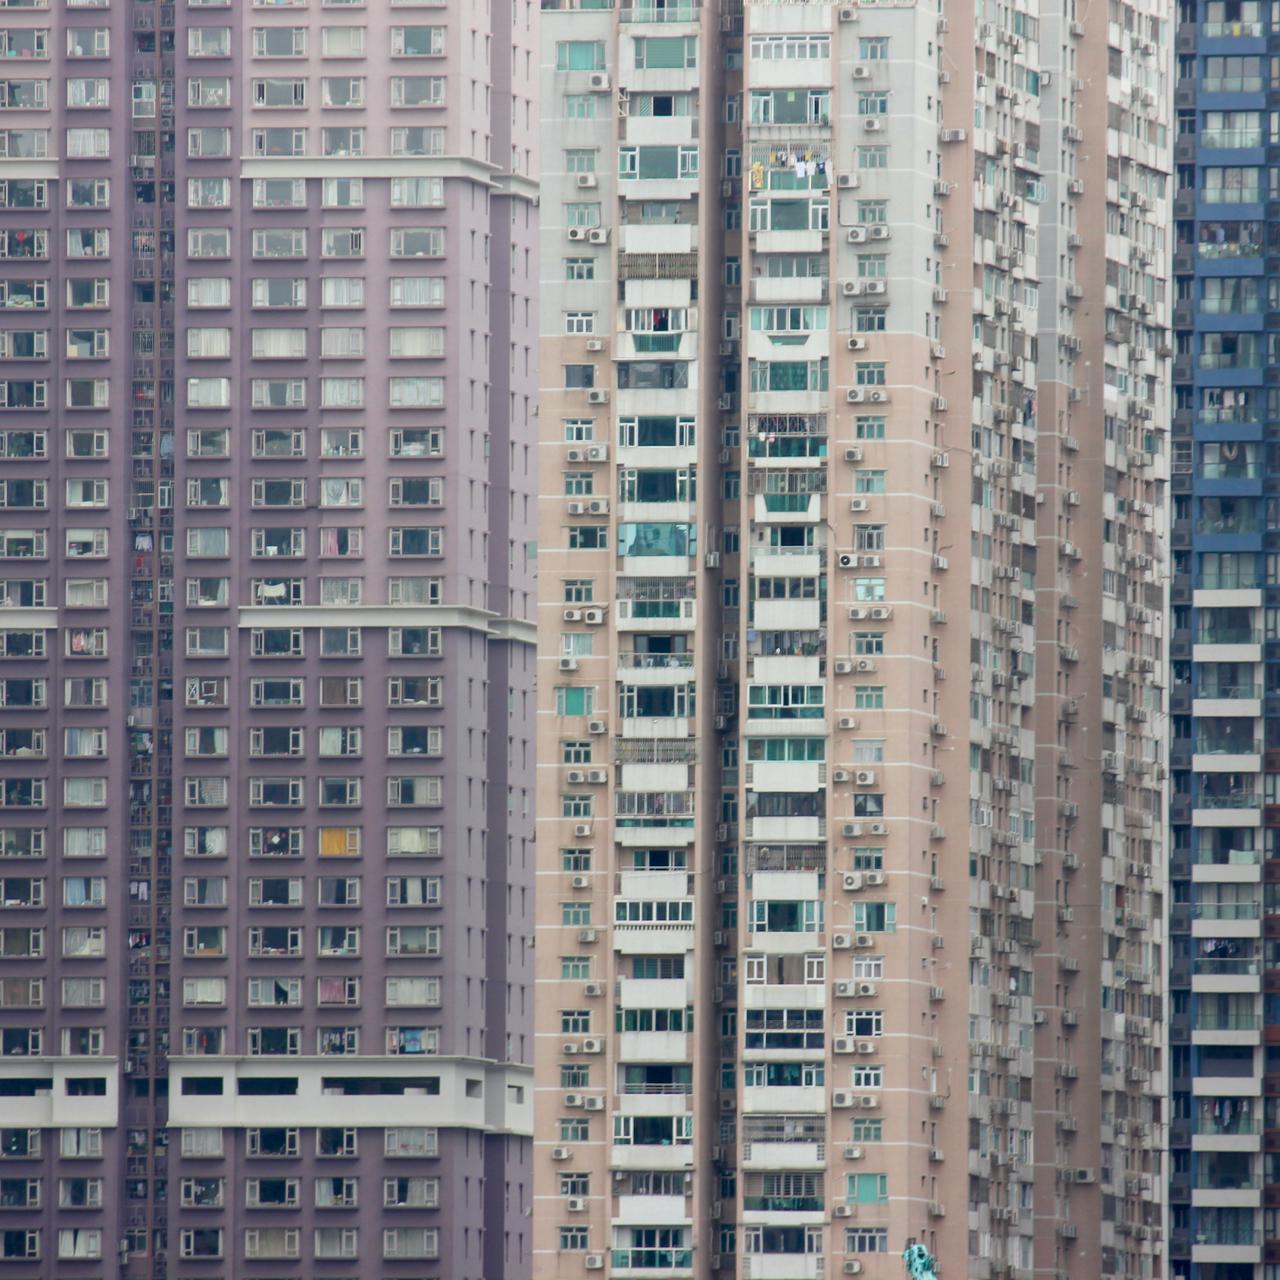 Macau - 23